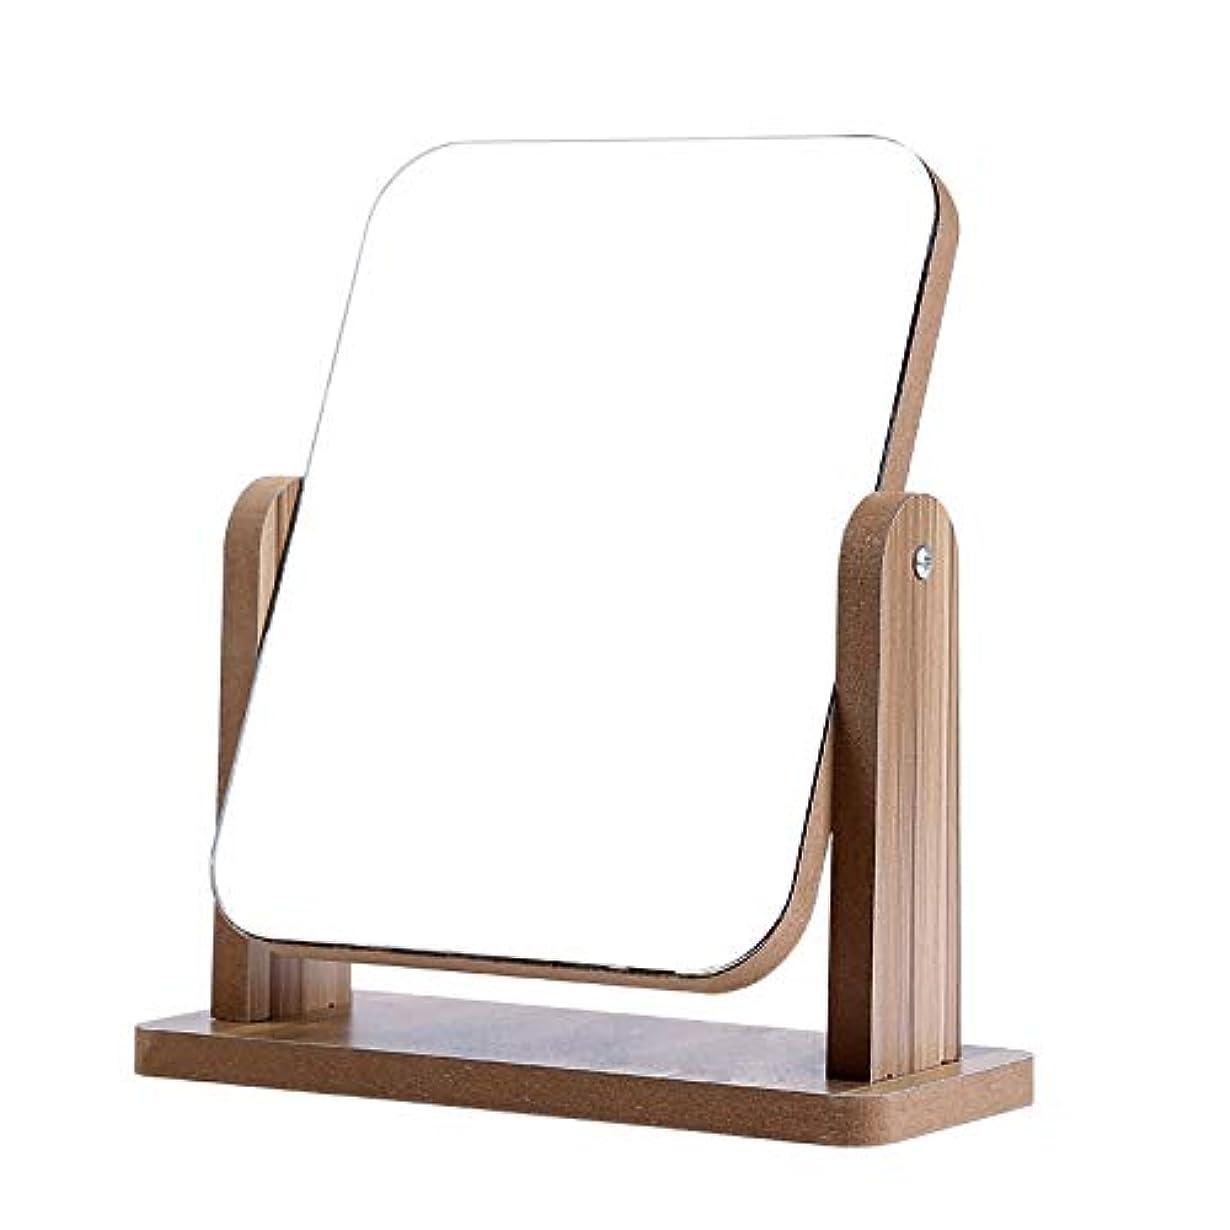 王女シルエット範囲Anyasun 卓上ミラー 化粧ミラー メイクミラー 360度回転 スタンドミラー 化粧鏡 木目 (縦)